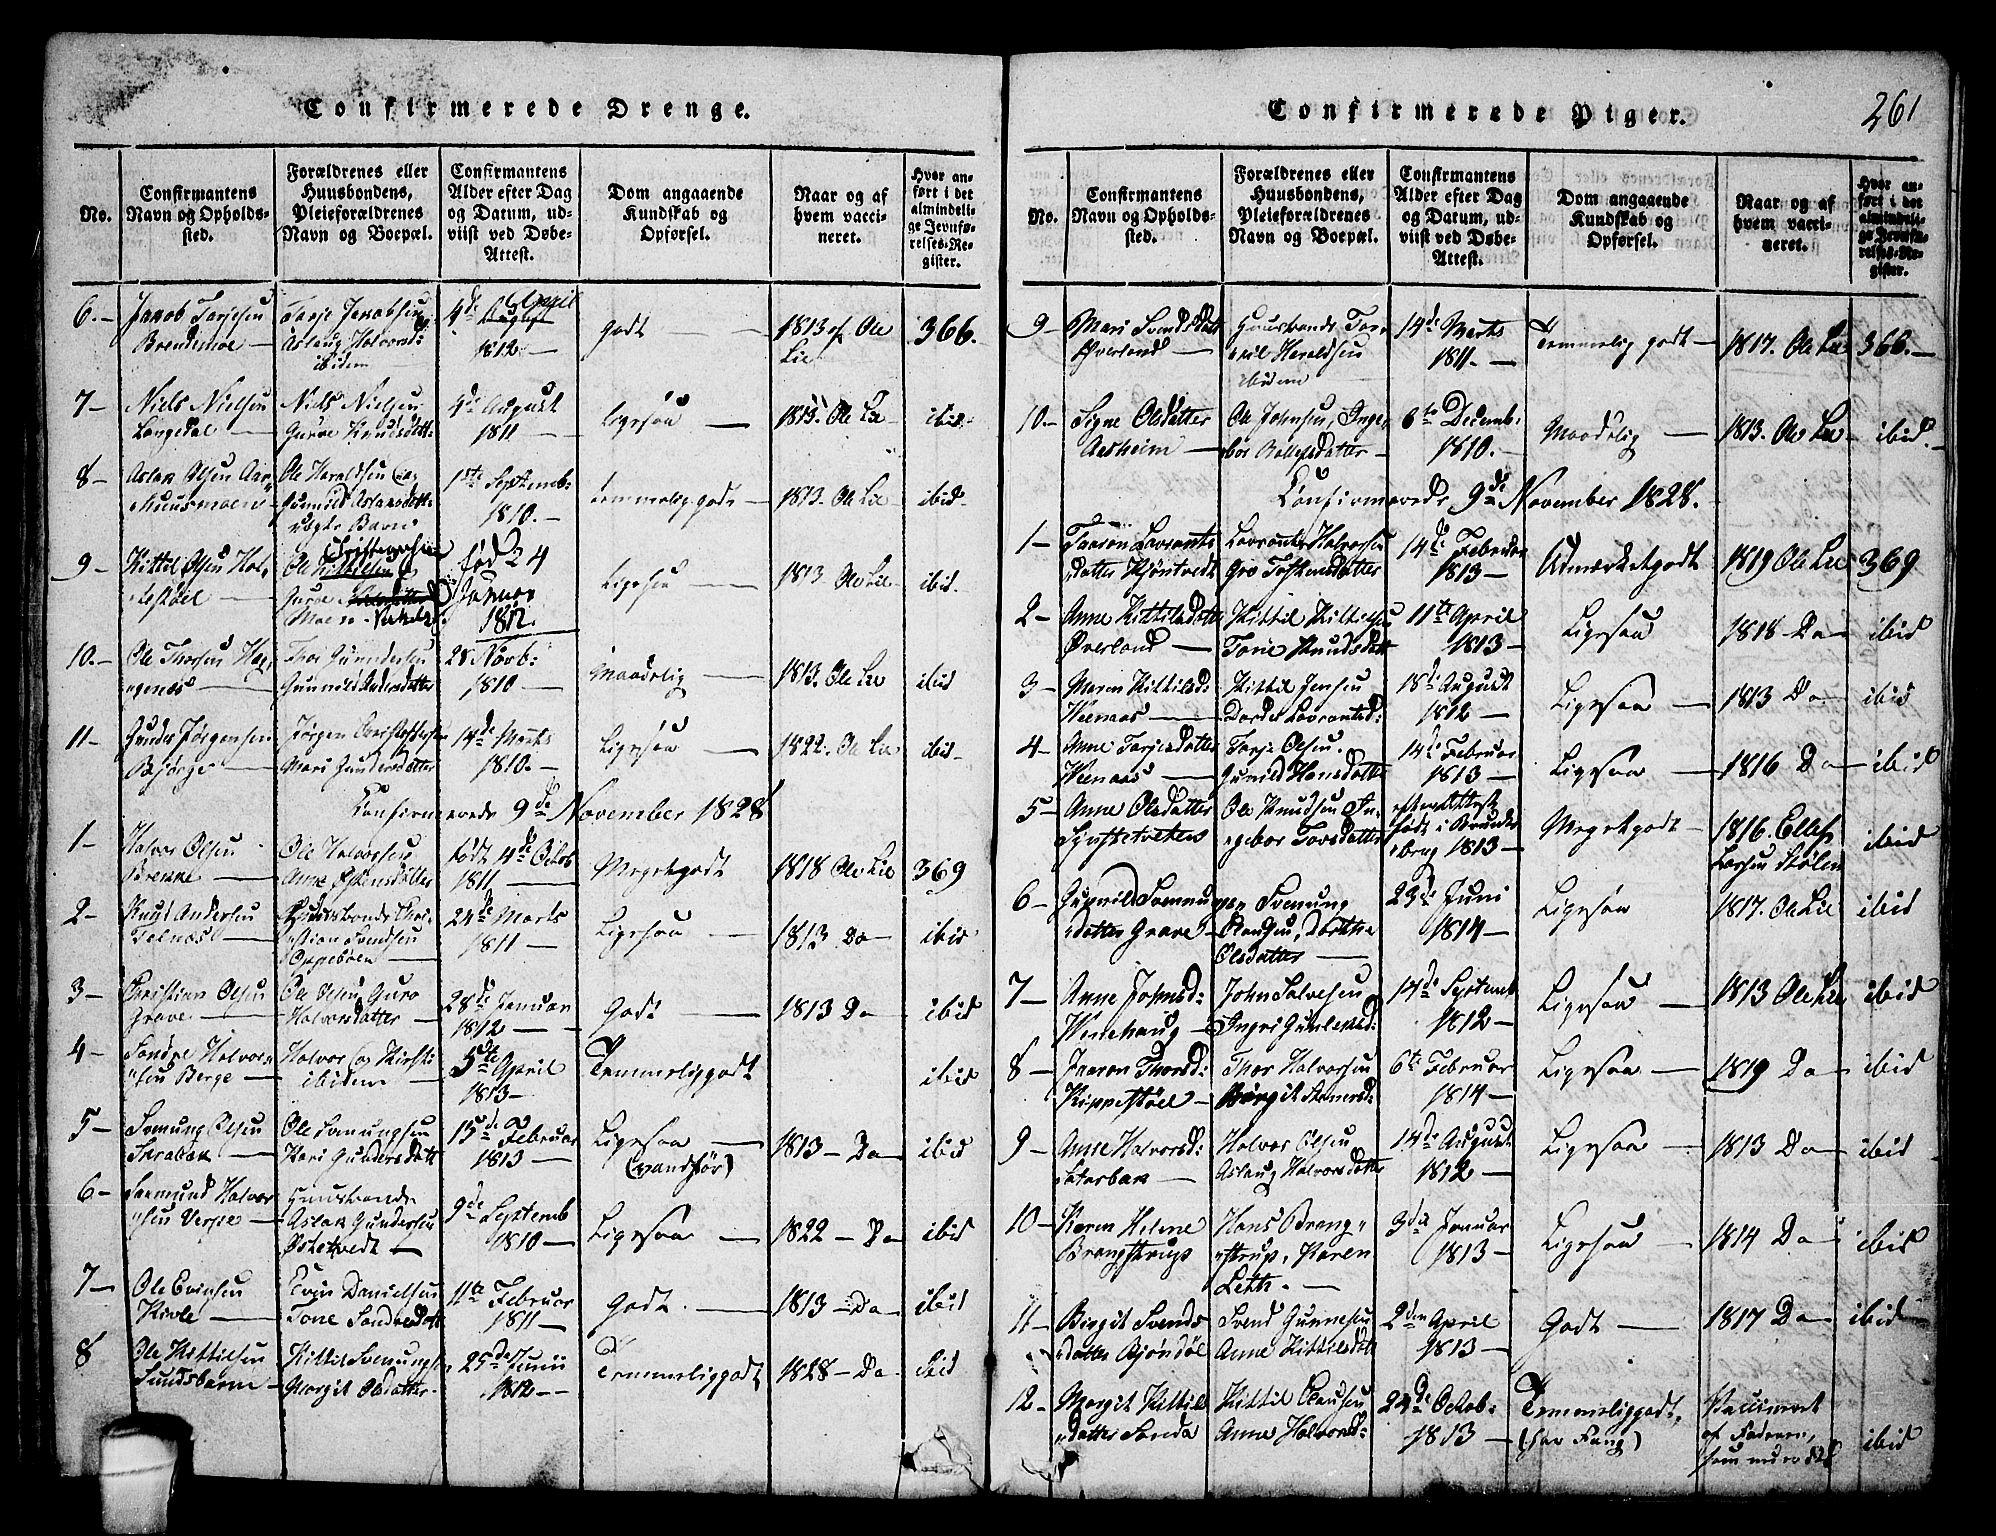 SAKO, Seljord kirkebøker, F/Fa/L0010: Ministerialbok nr. I 10, 1815-1831, s. 261